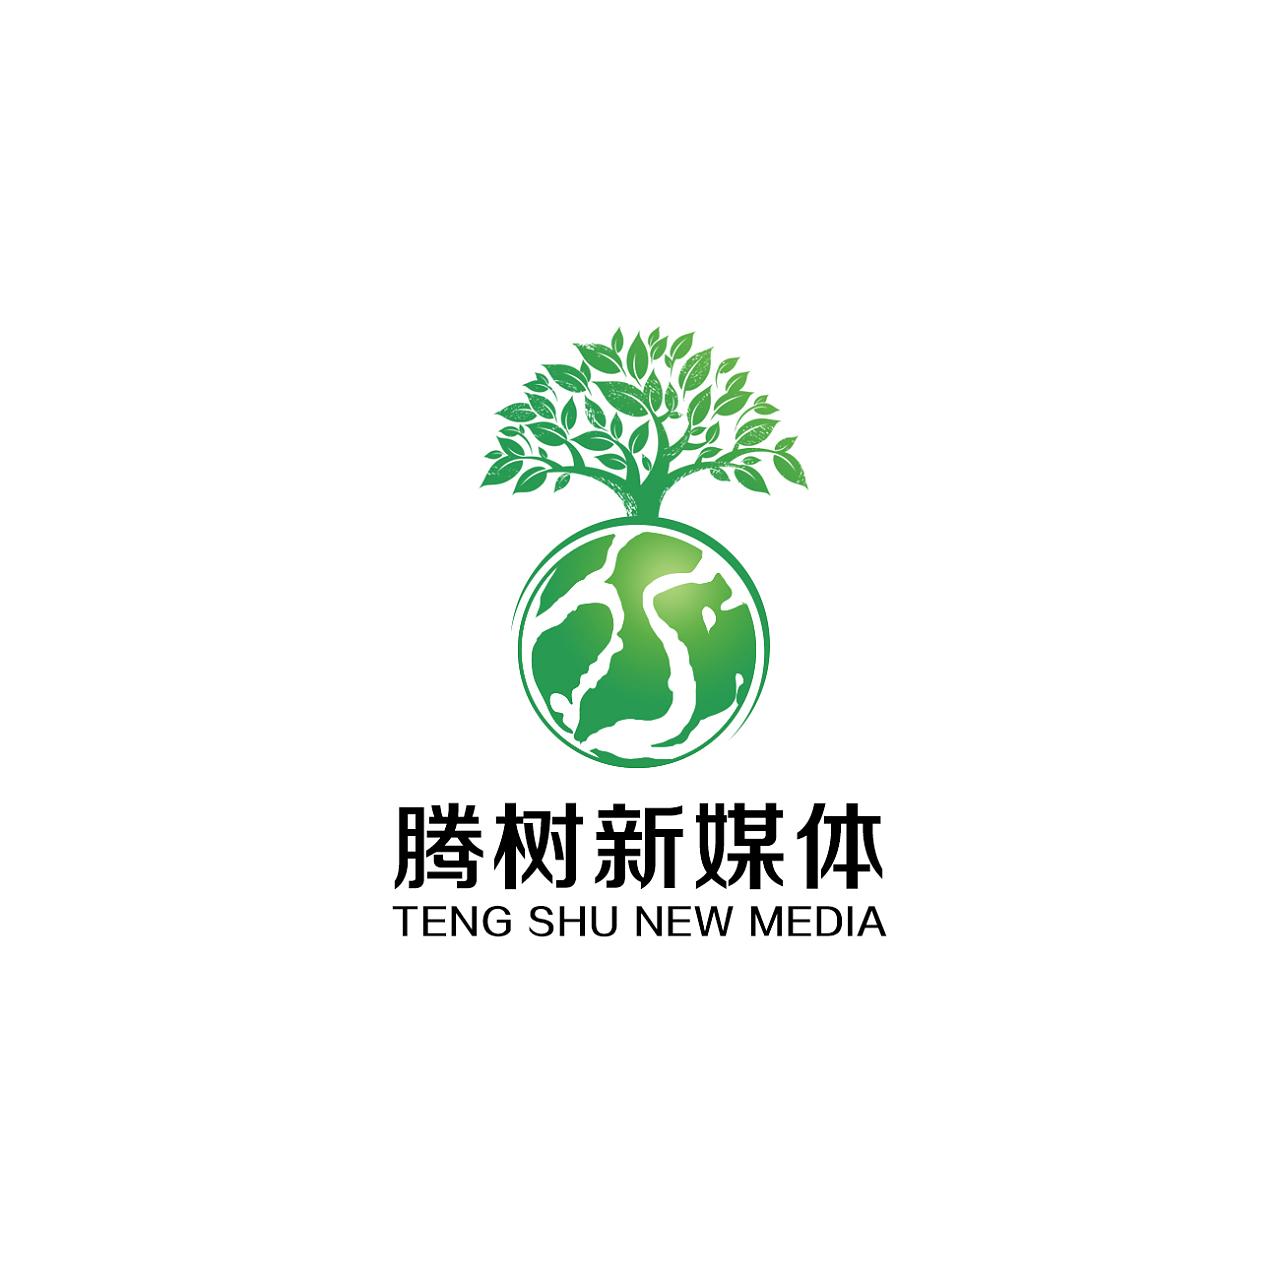 腾树新媒体logo 站点 平面 first标志-原创作品北京室内设计培训老师招聘